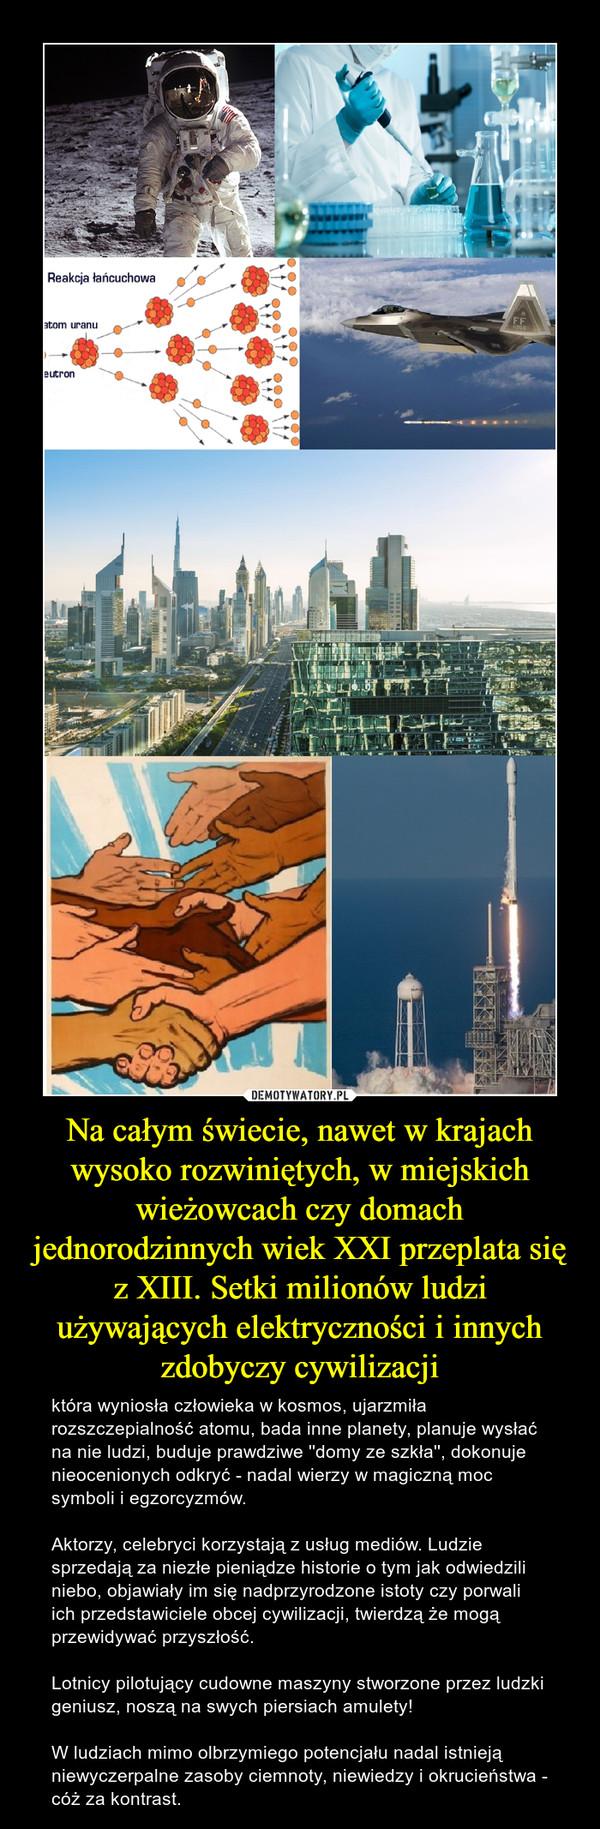 Na całym świecie, nawet w krajach wysoko rozwiniętych, w miejskich wieżowcach czy domach jednorodzinnych wiek XXI przeplata się z XIII. Setki milionów ludzi używających elektryczności i innych zdobyczy cywilizacji – która wyniosła człowieka w kosmos, ujarzmiła rozszczepialność atomu, bada inne planety, planuje wysłać na nie ludzi, buduje prawdziwe ''domy ze szkła'', dokonuje nieocenionych odkryć - nadal wierzy w magiczną moc symboli i egzorcyzmów.Aktorzy, celebryci korzystają z usług mediów. Ludzie sprzedają za niezłe pieniądze historie o tym jak odwiedzili niebo, objawiały im się nadprzyrodzone istoty czy porwali ich przedstawiciele obcej cywilizacji, twierdzą że mogą przewidywać przyszłość.Lotnicy pilotujący cudowne maszyny stworzone przez ludzki geniusz, noszą na swych piersiach amulety!W ludziach mimo olbrzymiego potencjału nadal istnieją niewyczerpalne zasoby ciemnoty, niewiedzy i okrucieństwa - cóż za kontrast.